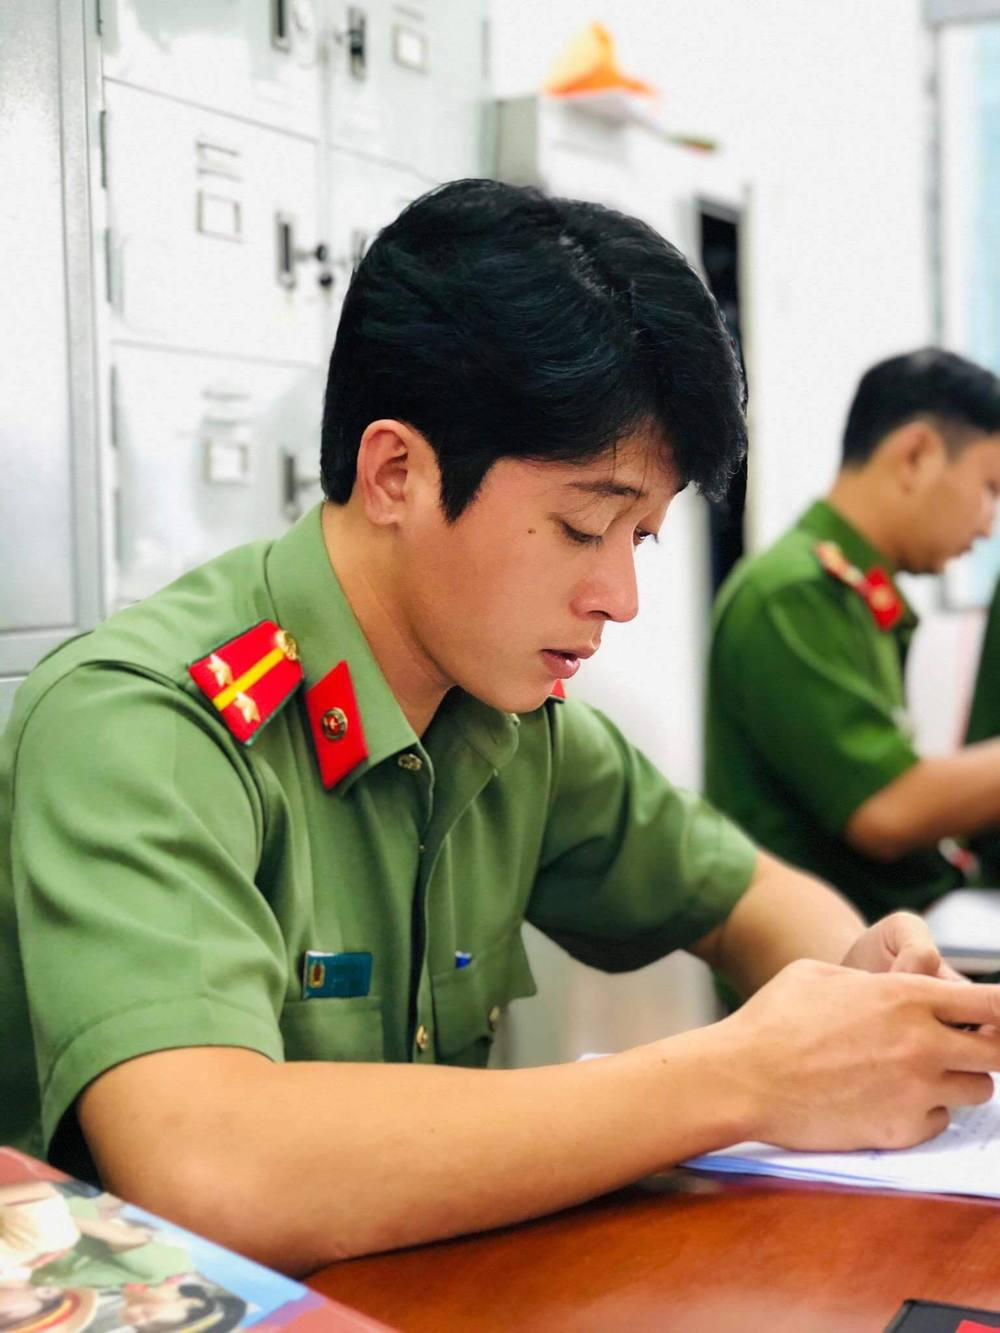 Bị viêm da dị ứng thì có thể tham gia nghĩa vụ quân sự không?